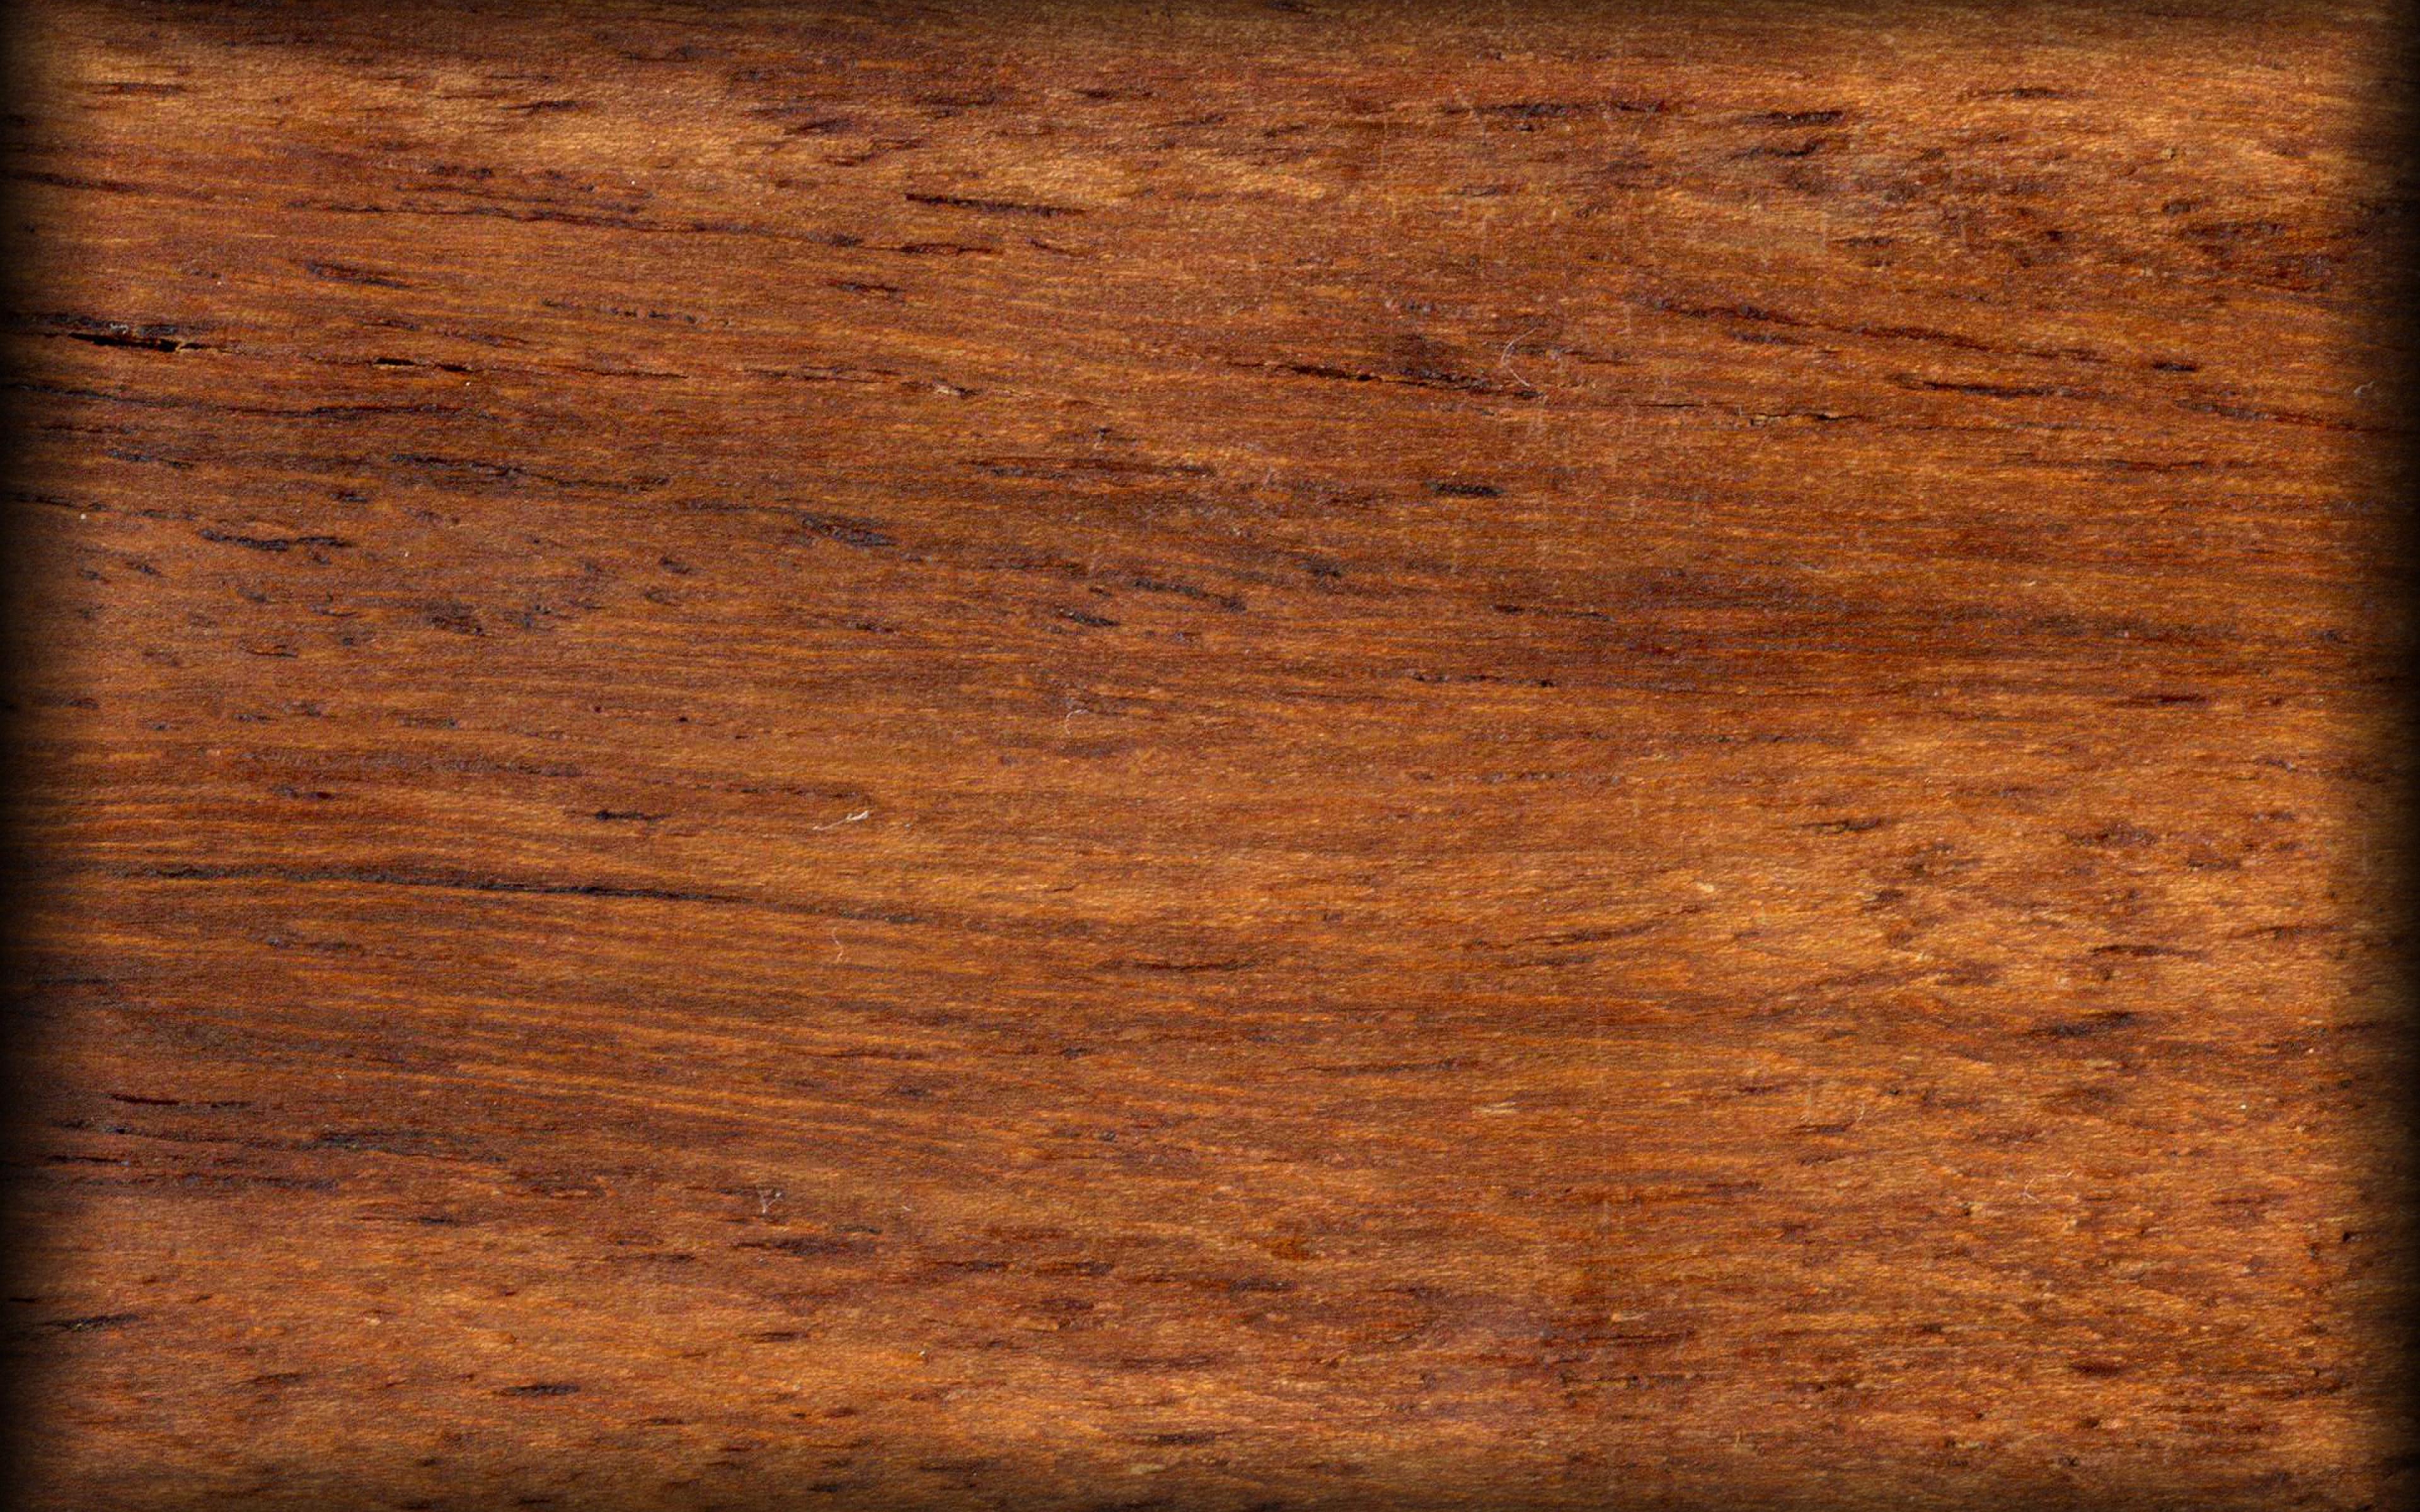 HD Brown Dark Wood Texture Scratches Wallpaper WallpapersByte 3840x2400